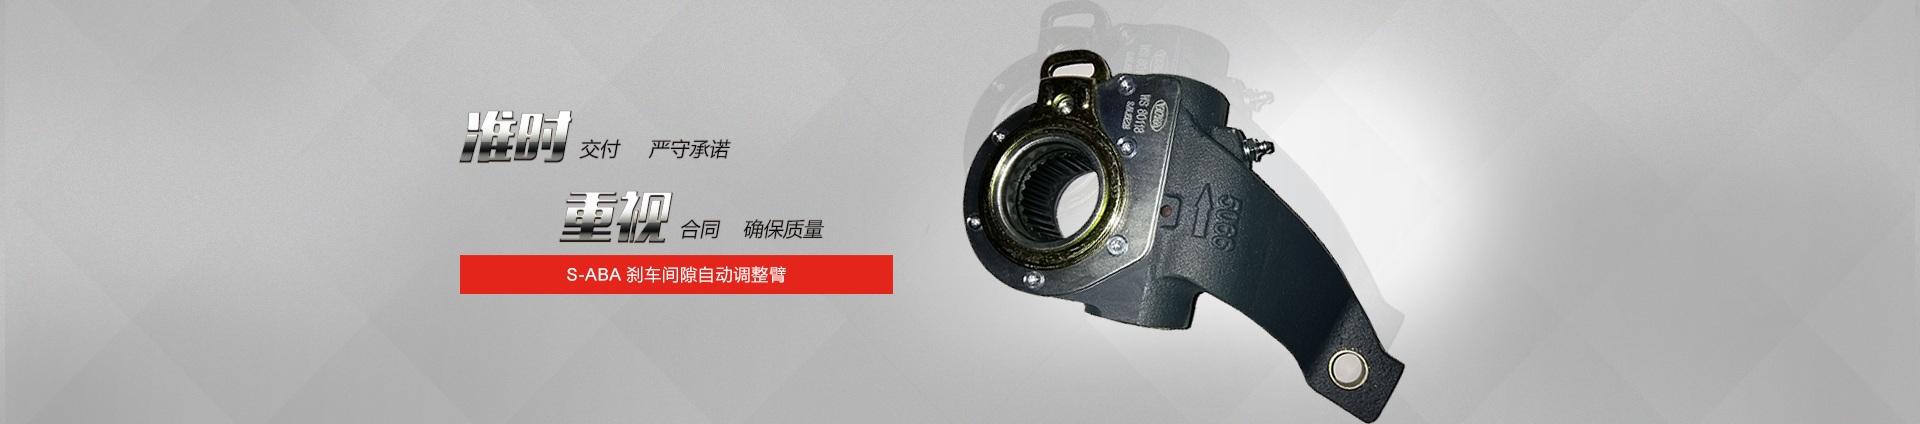 广州市伟双汽车配件有限公司